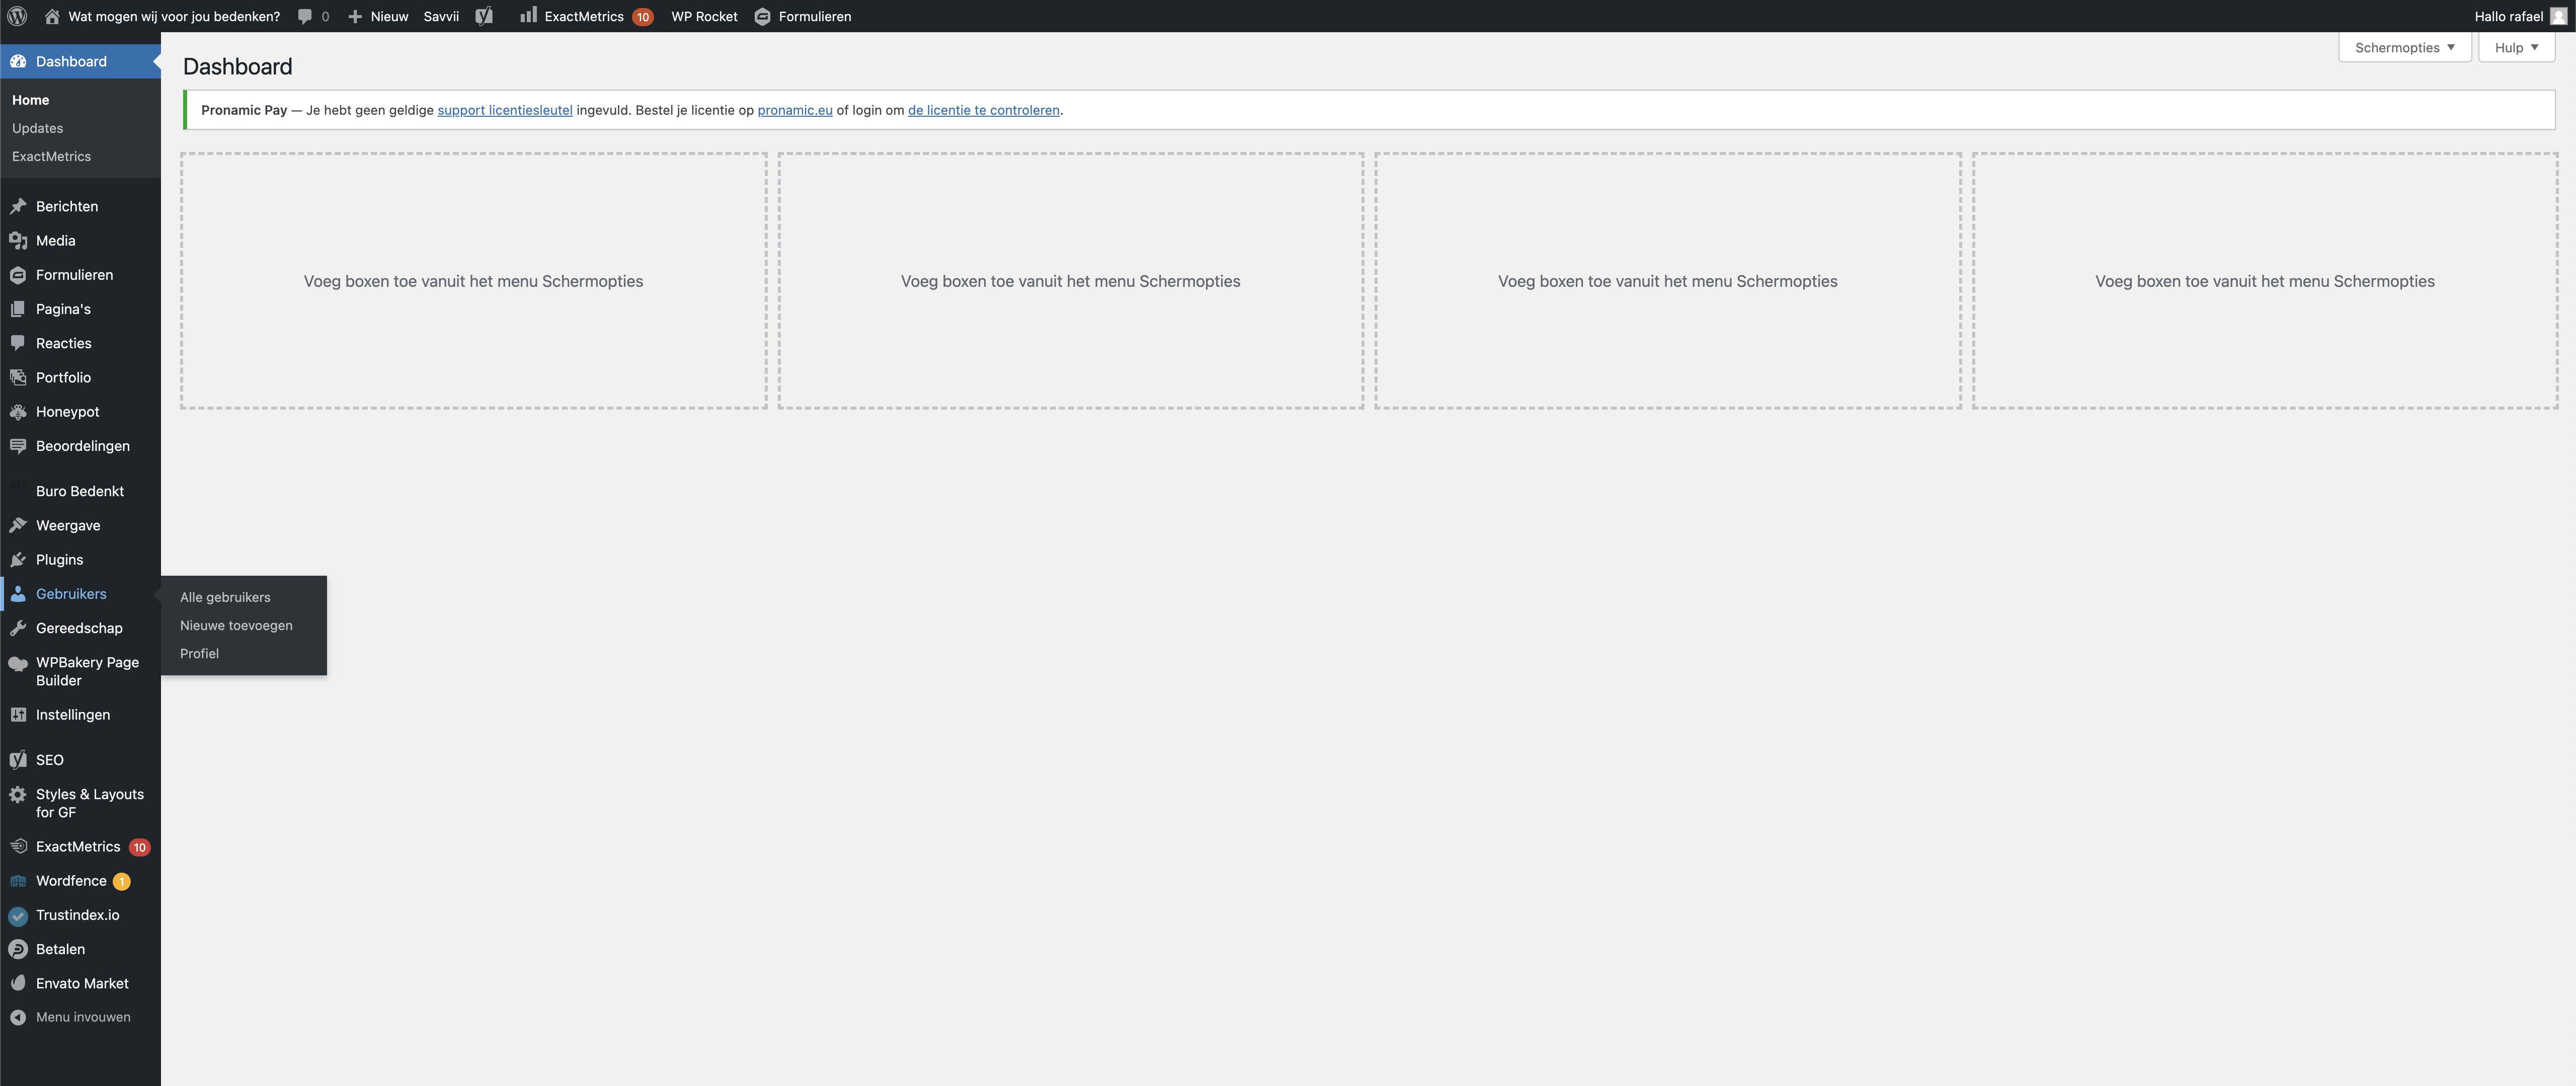 Buro Bedenkt kennisbank - Gebruiker toevoegen aan je WordPress website